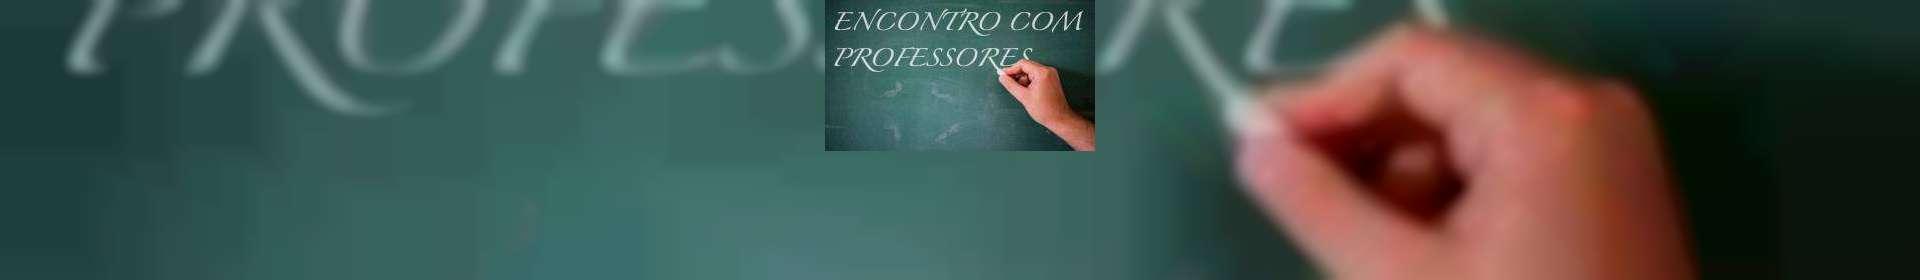 A Obra Redentora - Encontro com Professores